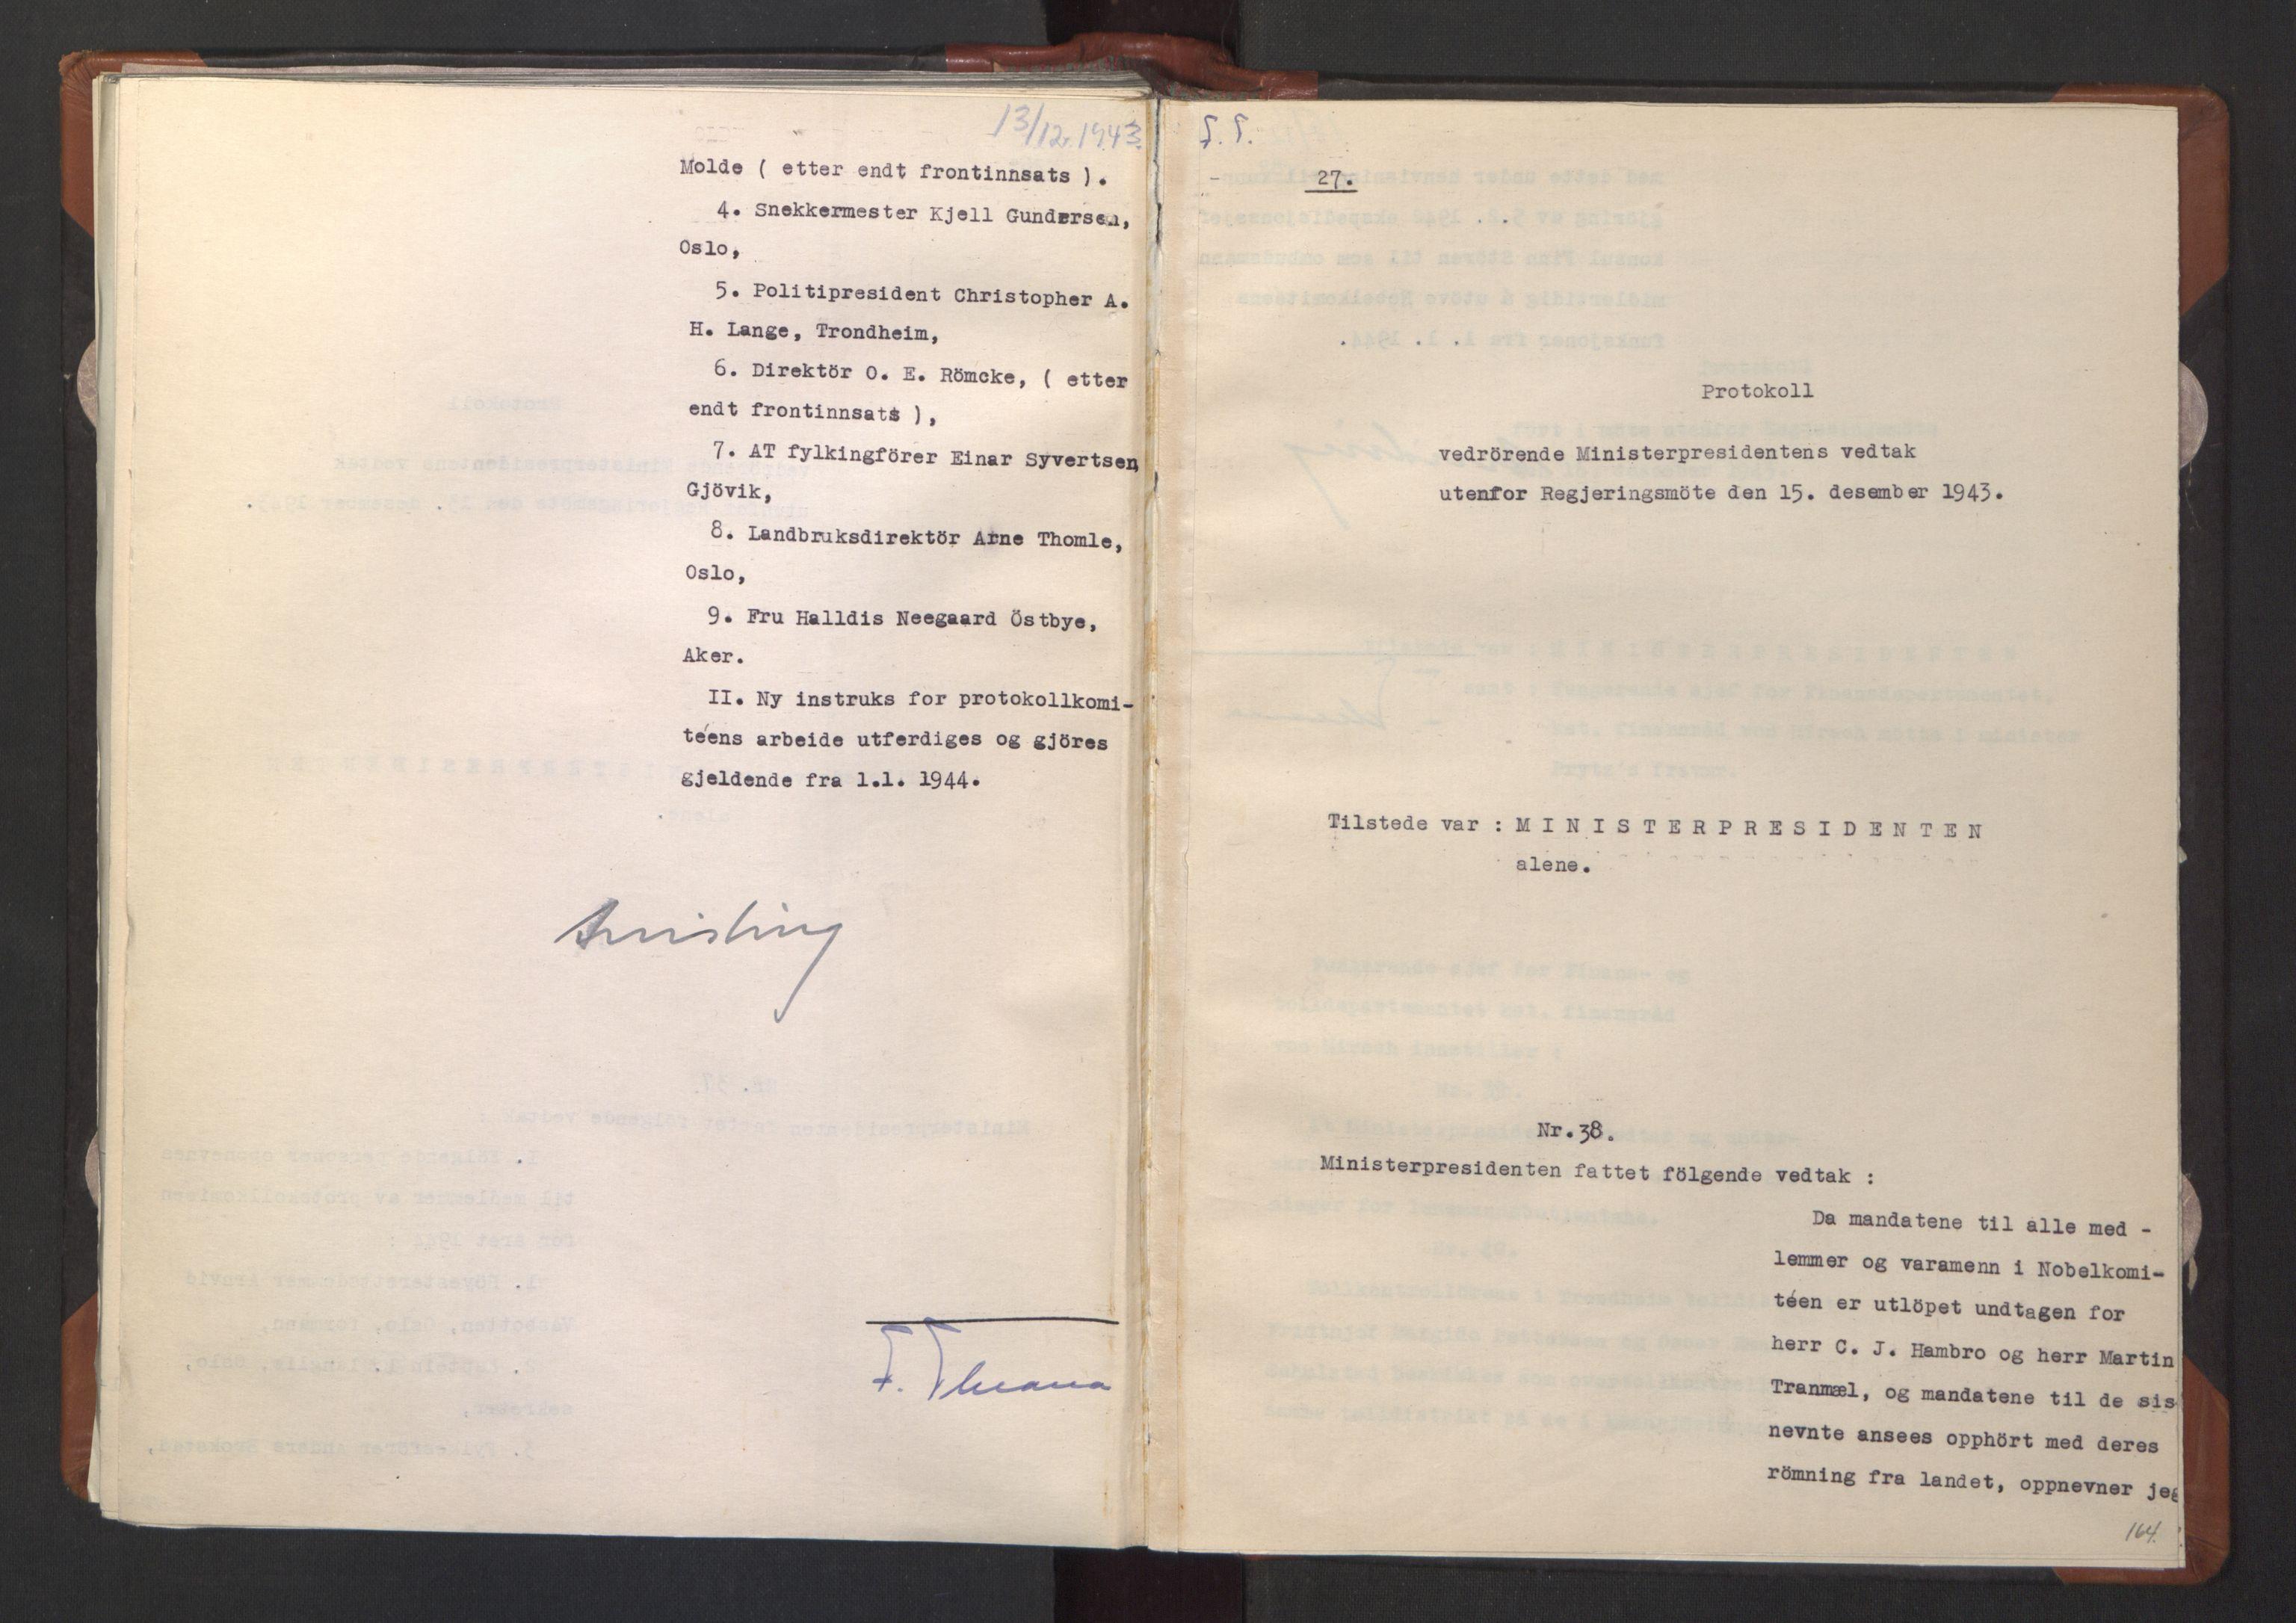 RA, NS-administrasjonen 1940-1945 (Statsrådsekretariatet, de kommisariske statsråder mm), D/Da/L0003: Vedtak (Beslutninger) nr. 1-746 og tillegg nr. 1-47 (RA. j.nr. 1394/1944, tilgangsnr. 8/1944, 1943, s. 163b-164a